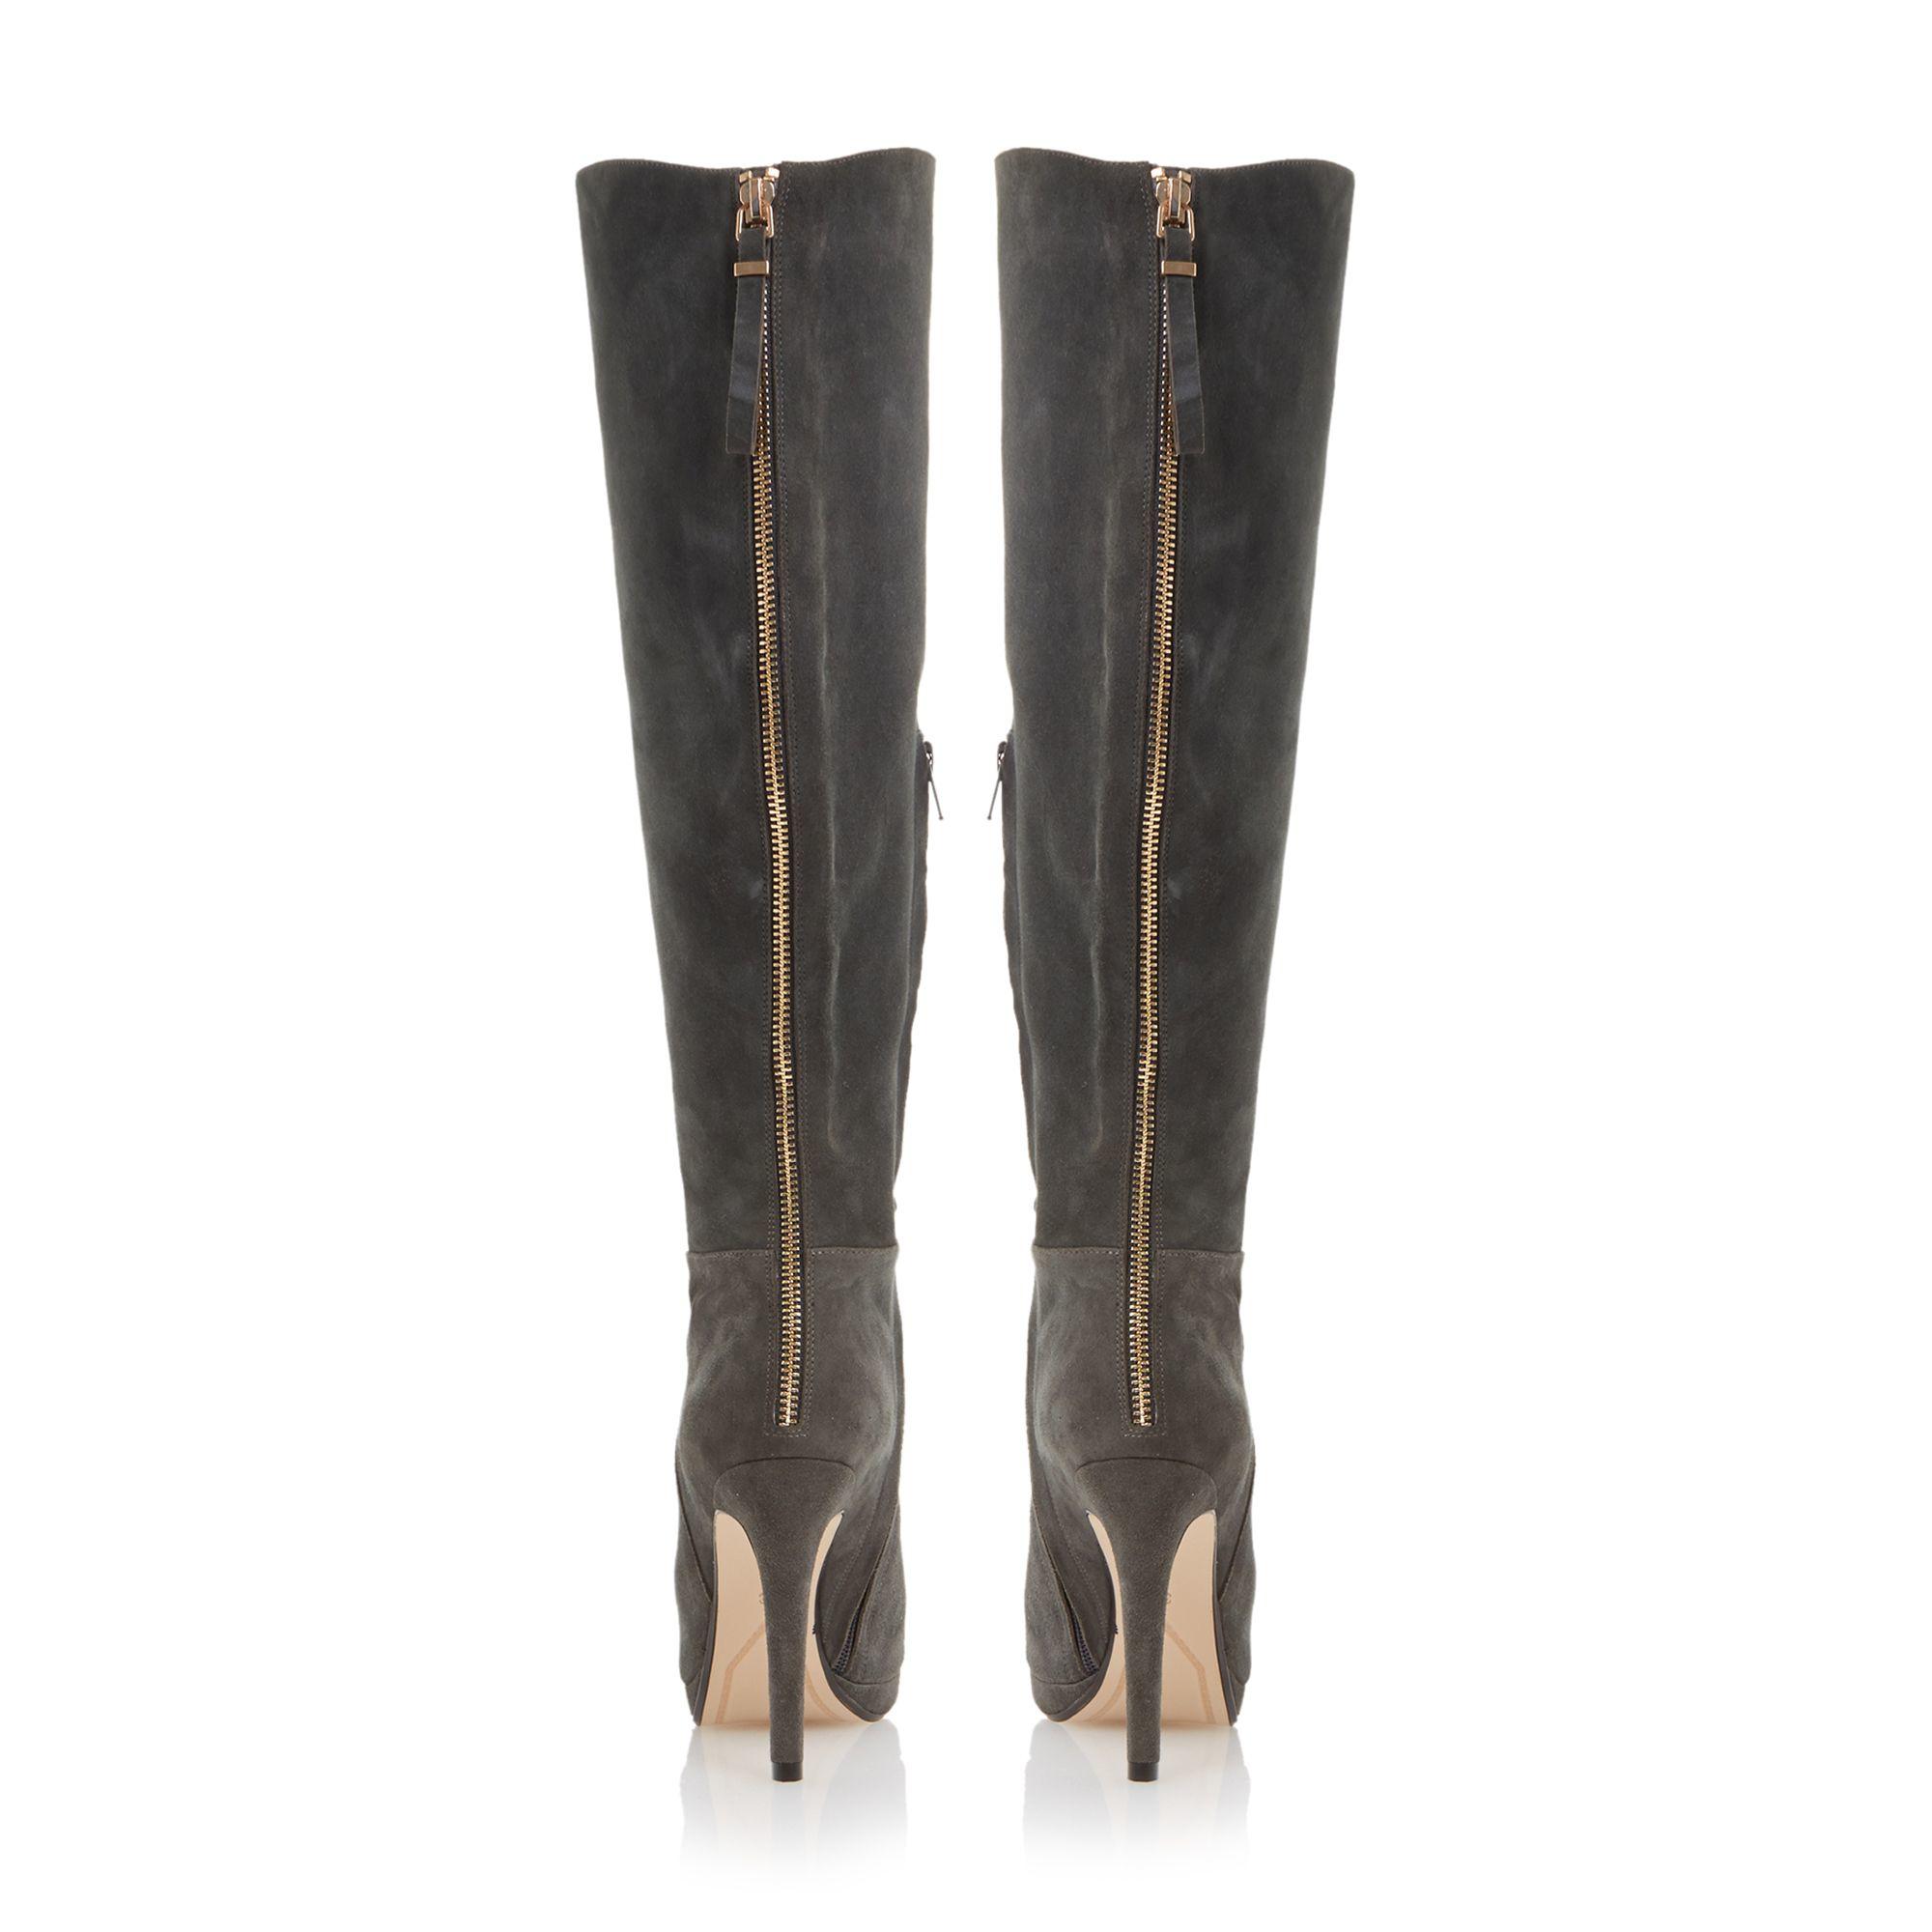 dune skyler suede high heel knee high boots in gray grey